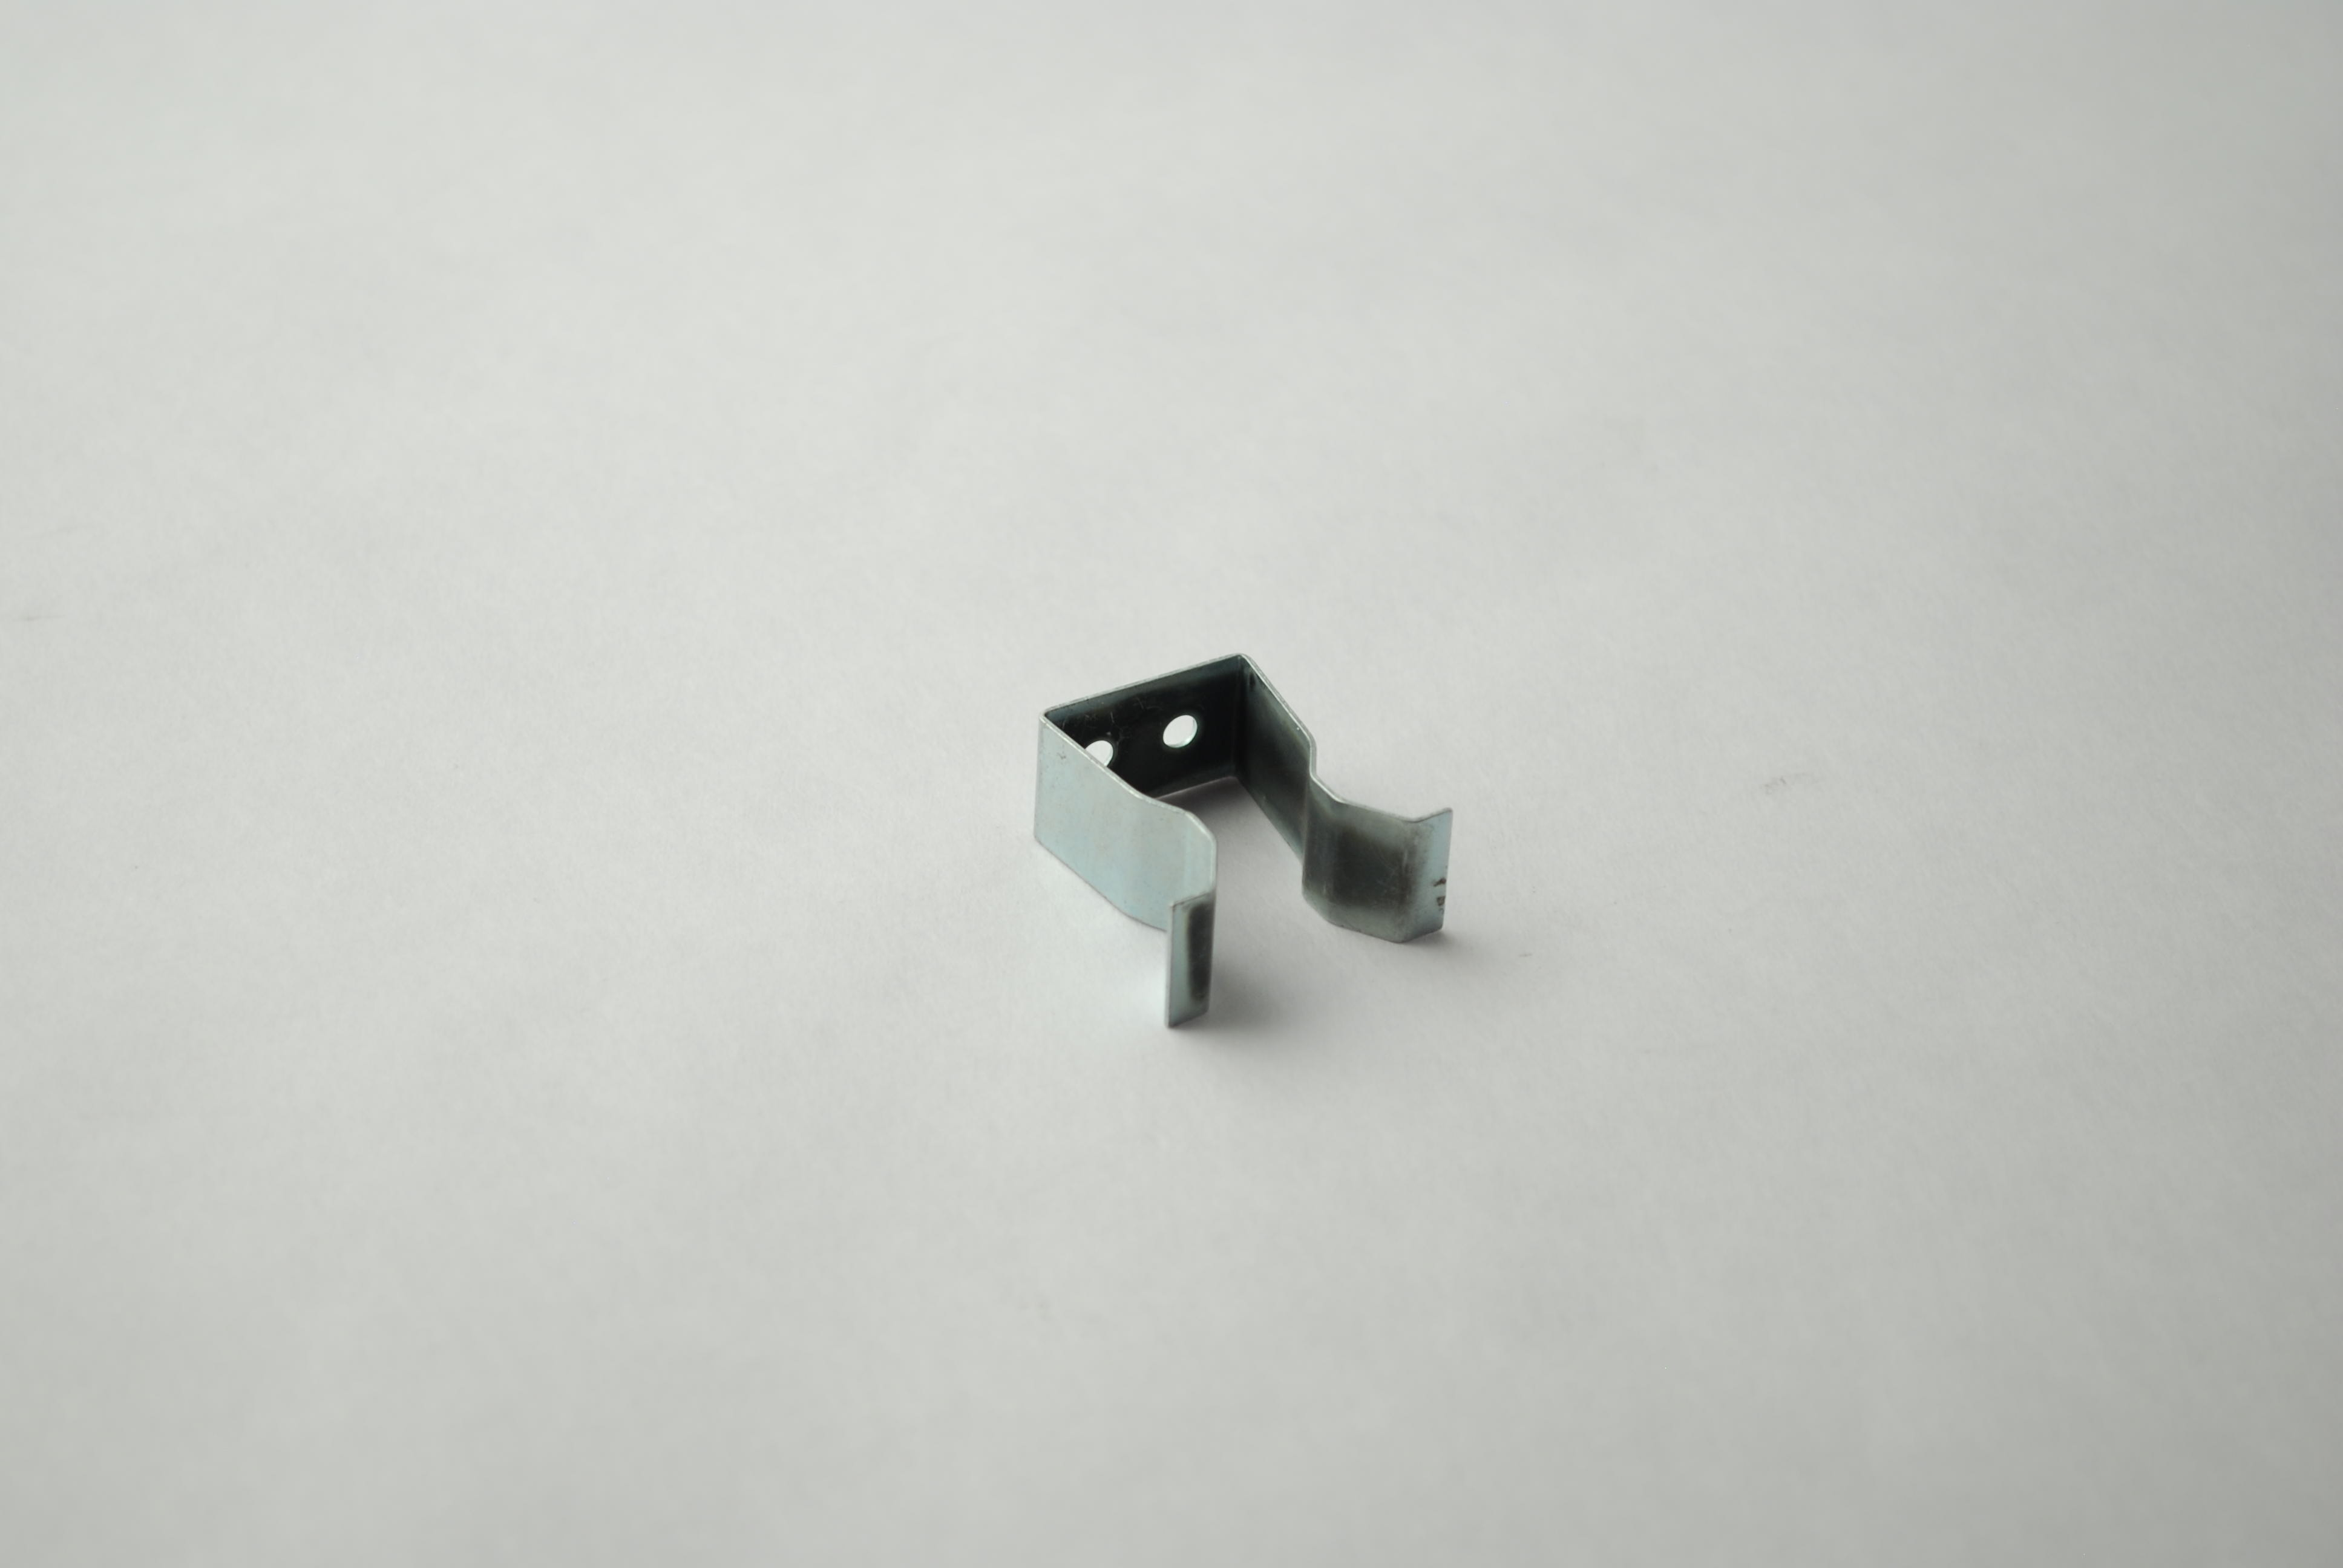 Metal Clips - Spring Works Utah Inc.